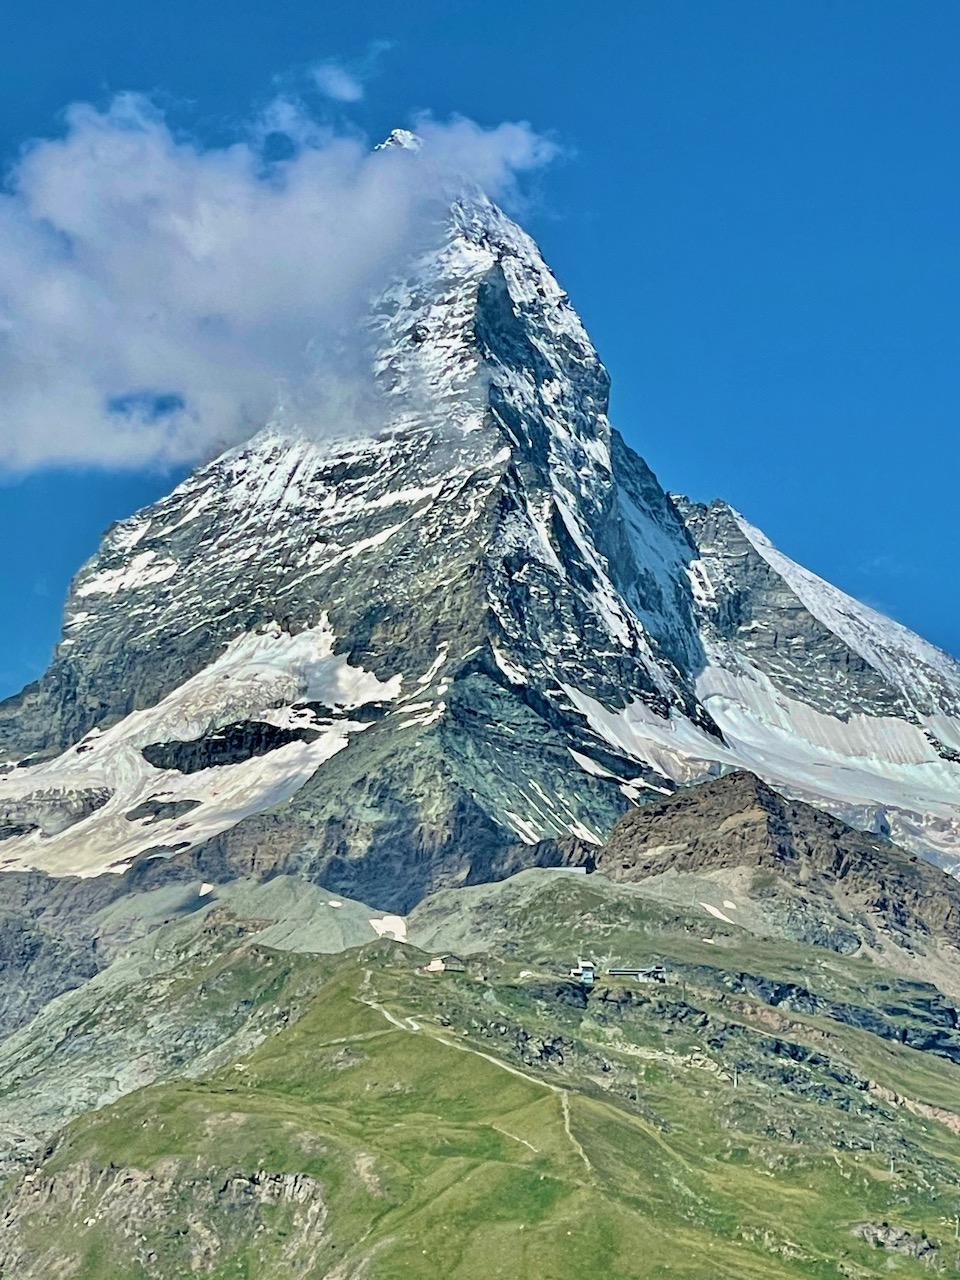 Matterhorn above Zermatt from the Riffelalp Resort 2222